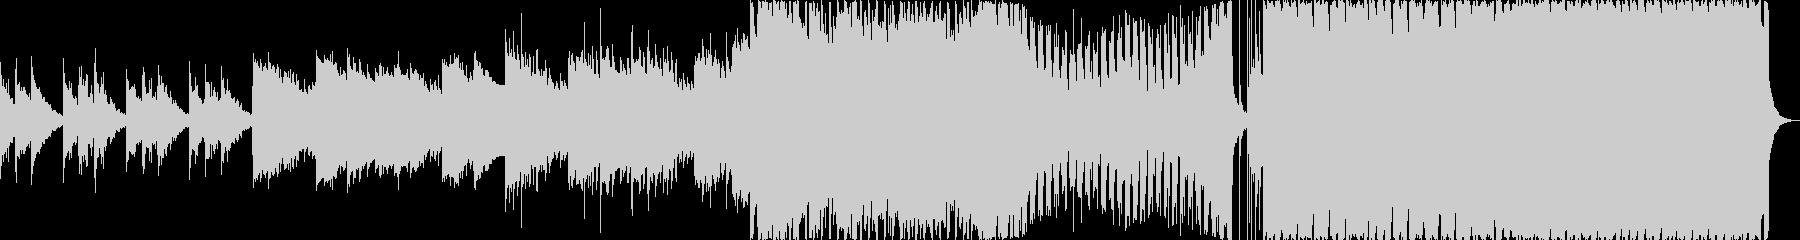 EDM・ダンス・盛り上がる・カッコイイの未再生の波形